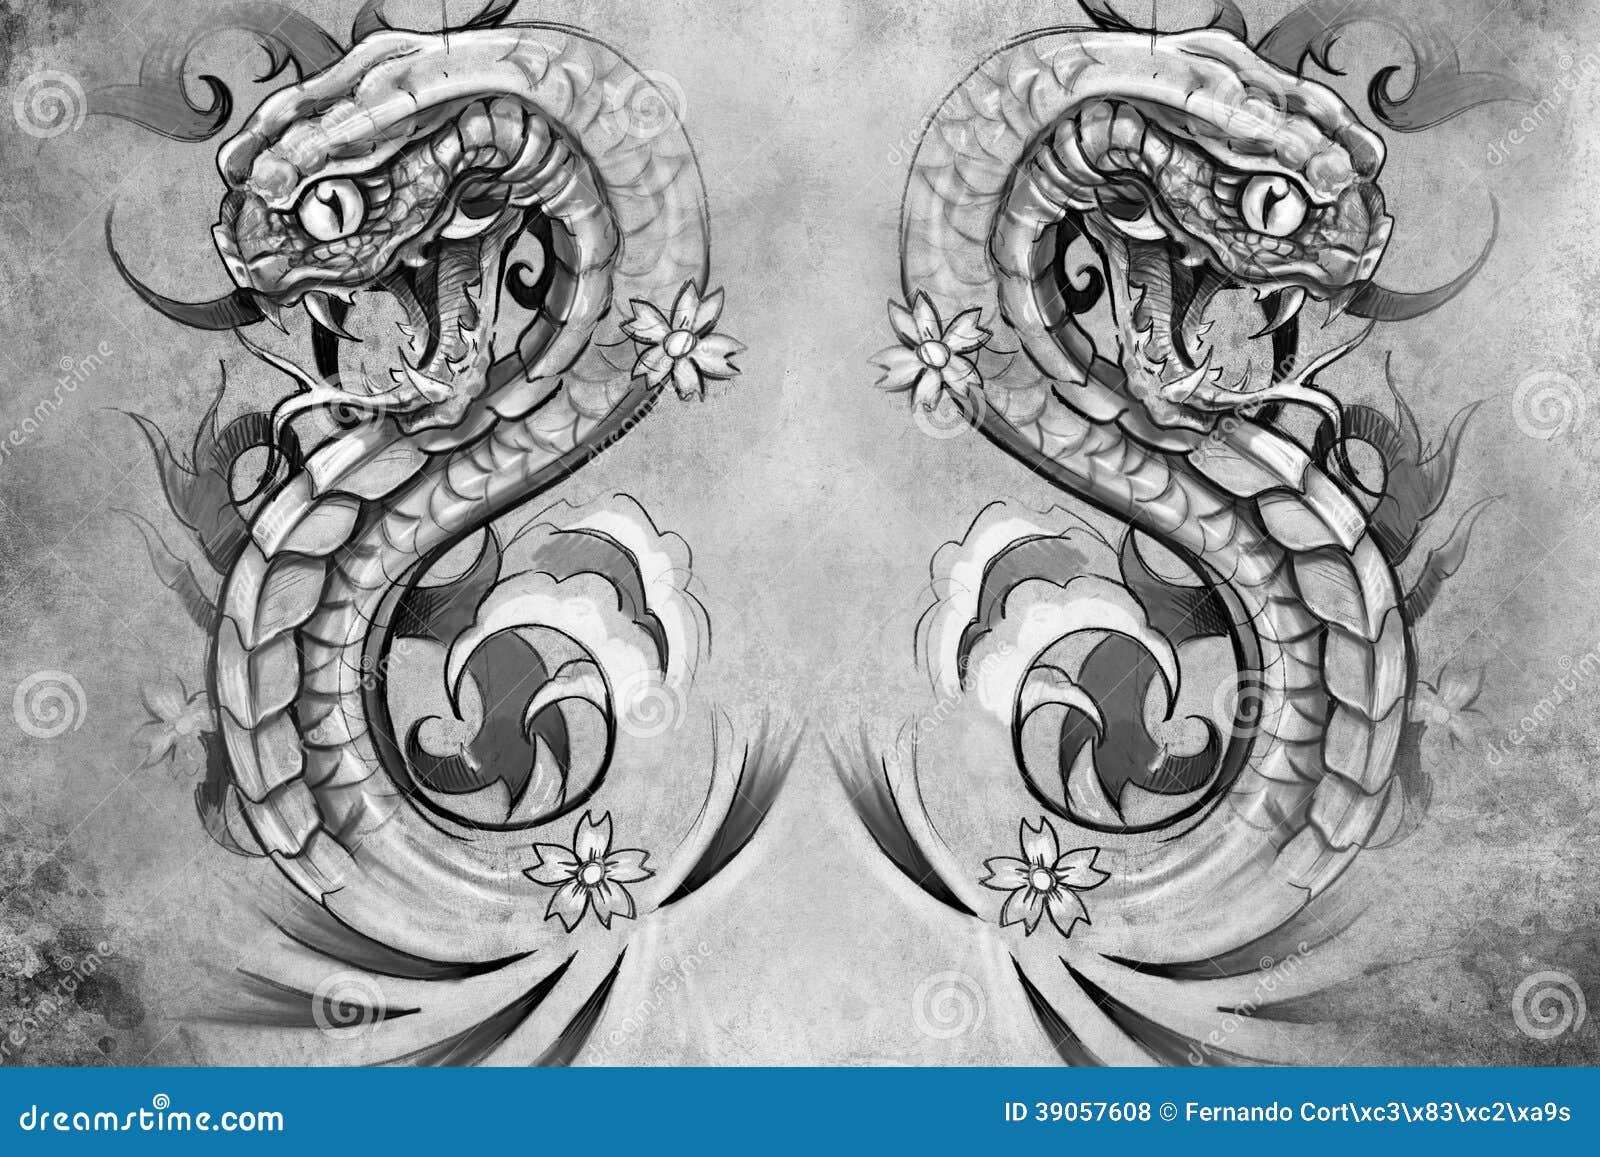 snakes tattoo design over grey background stock illustration illustration of halloween. Black Bedroom Furniture Sets. Home Design Ideas